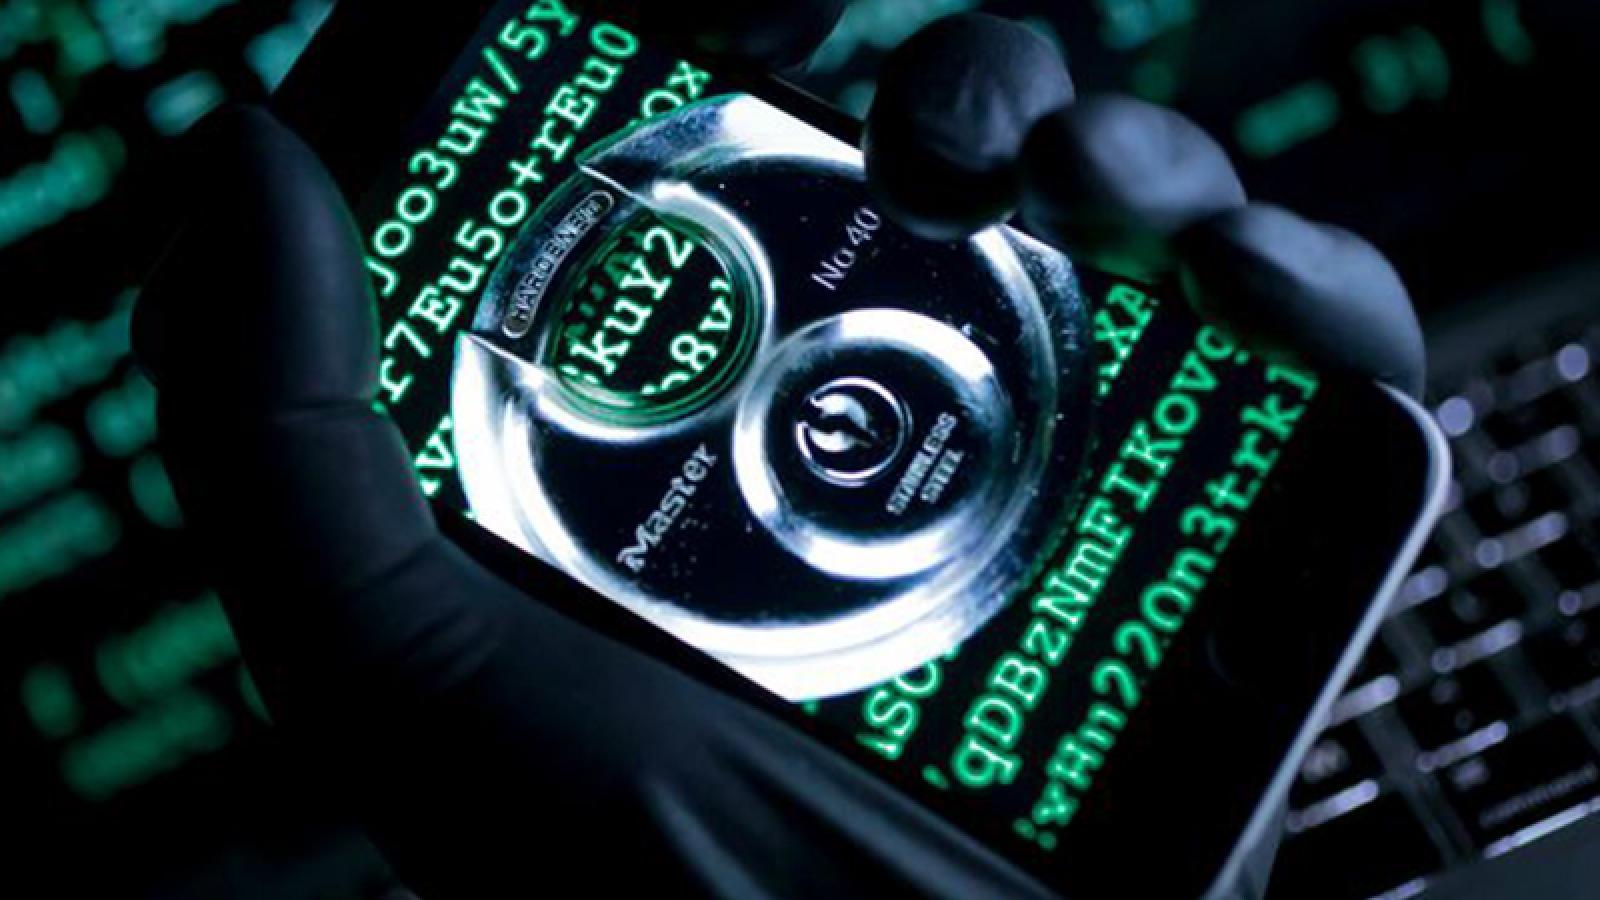 iPhone không an toàn như những gì chúng ta mong muốn